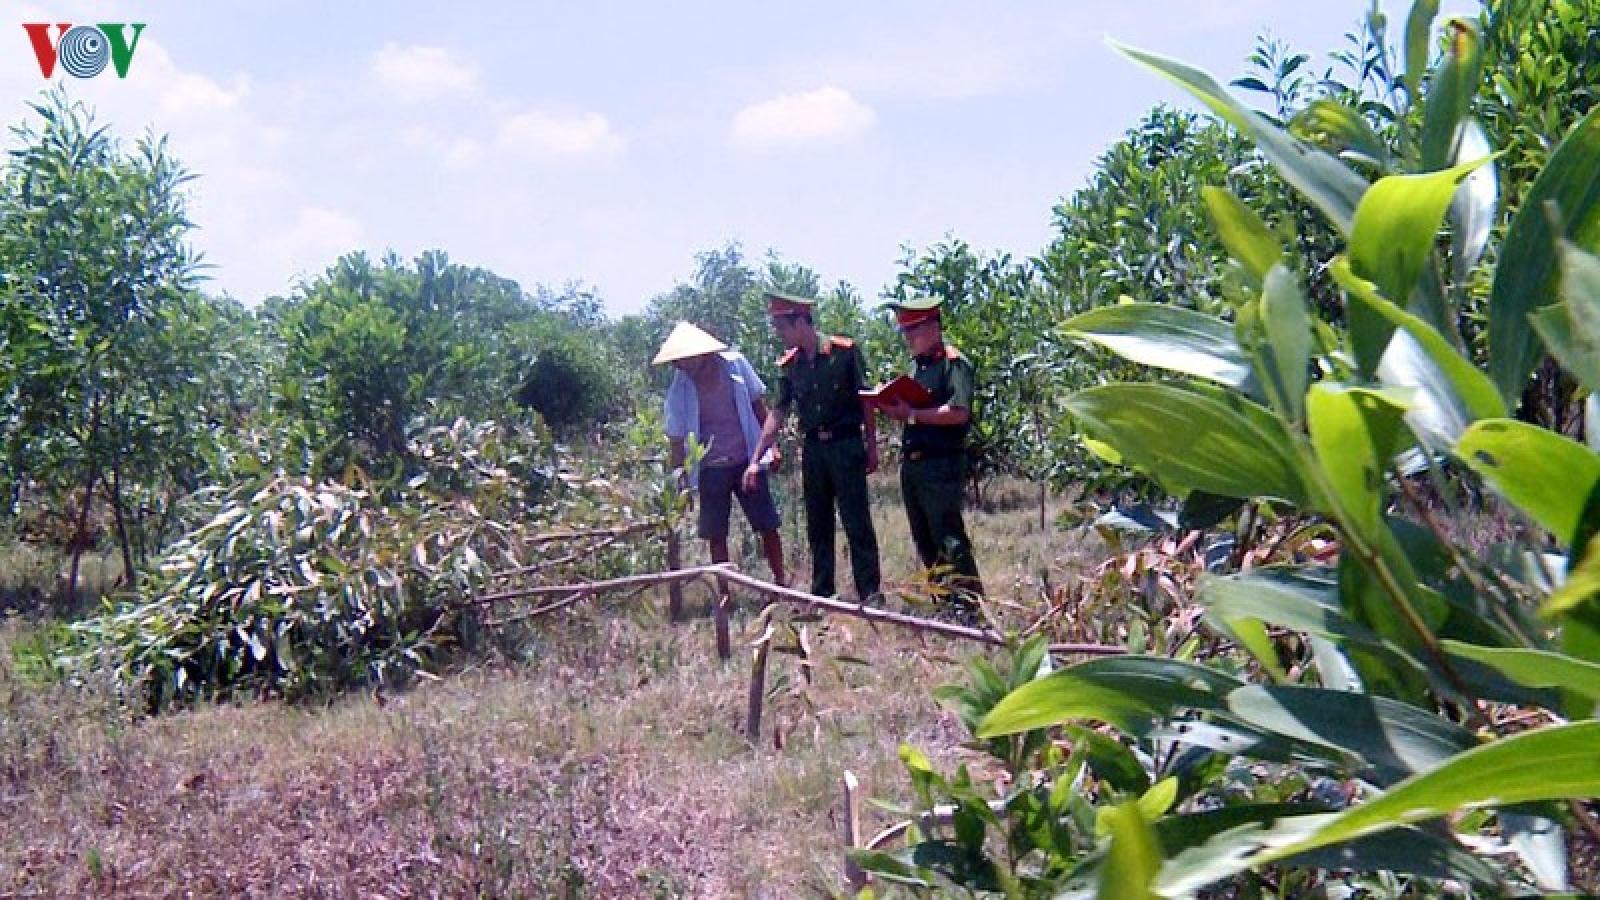 3 đối tượng chặt phá hơn 700 cây keo của hàng xóm để trả thù